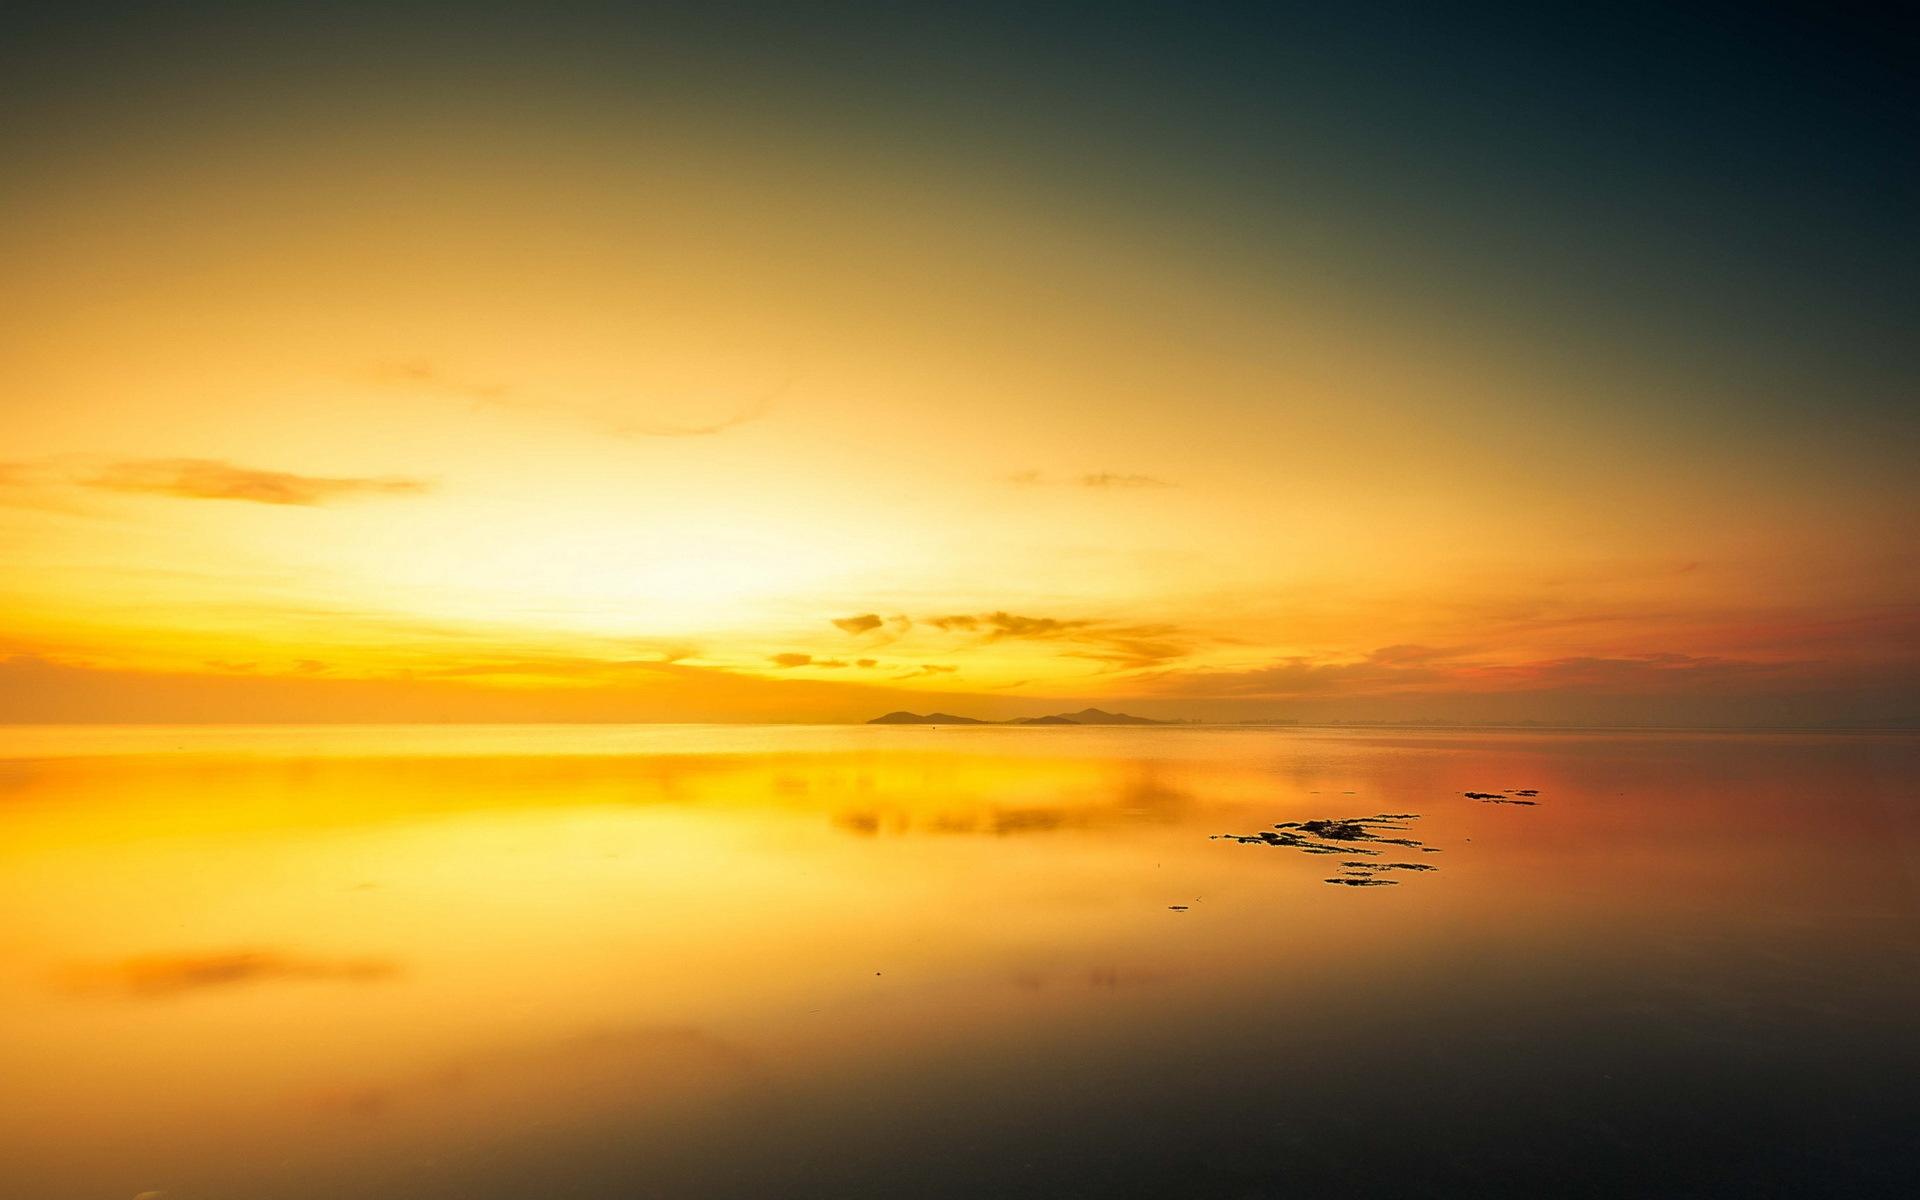 cool ocean sunset wallpaper 35991